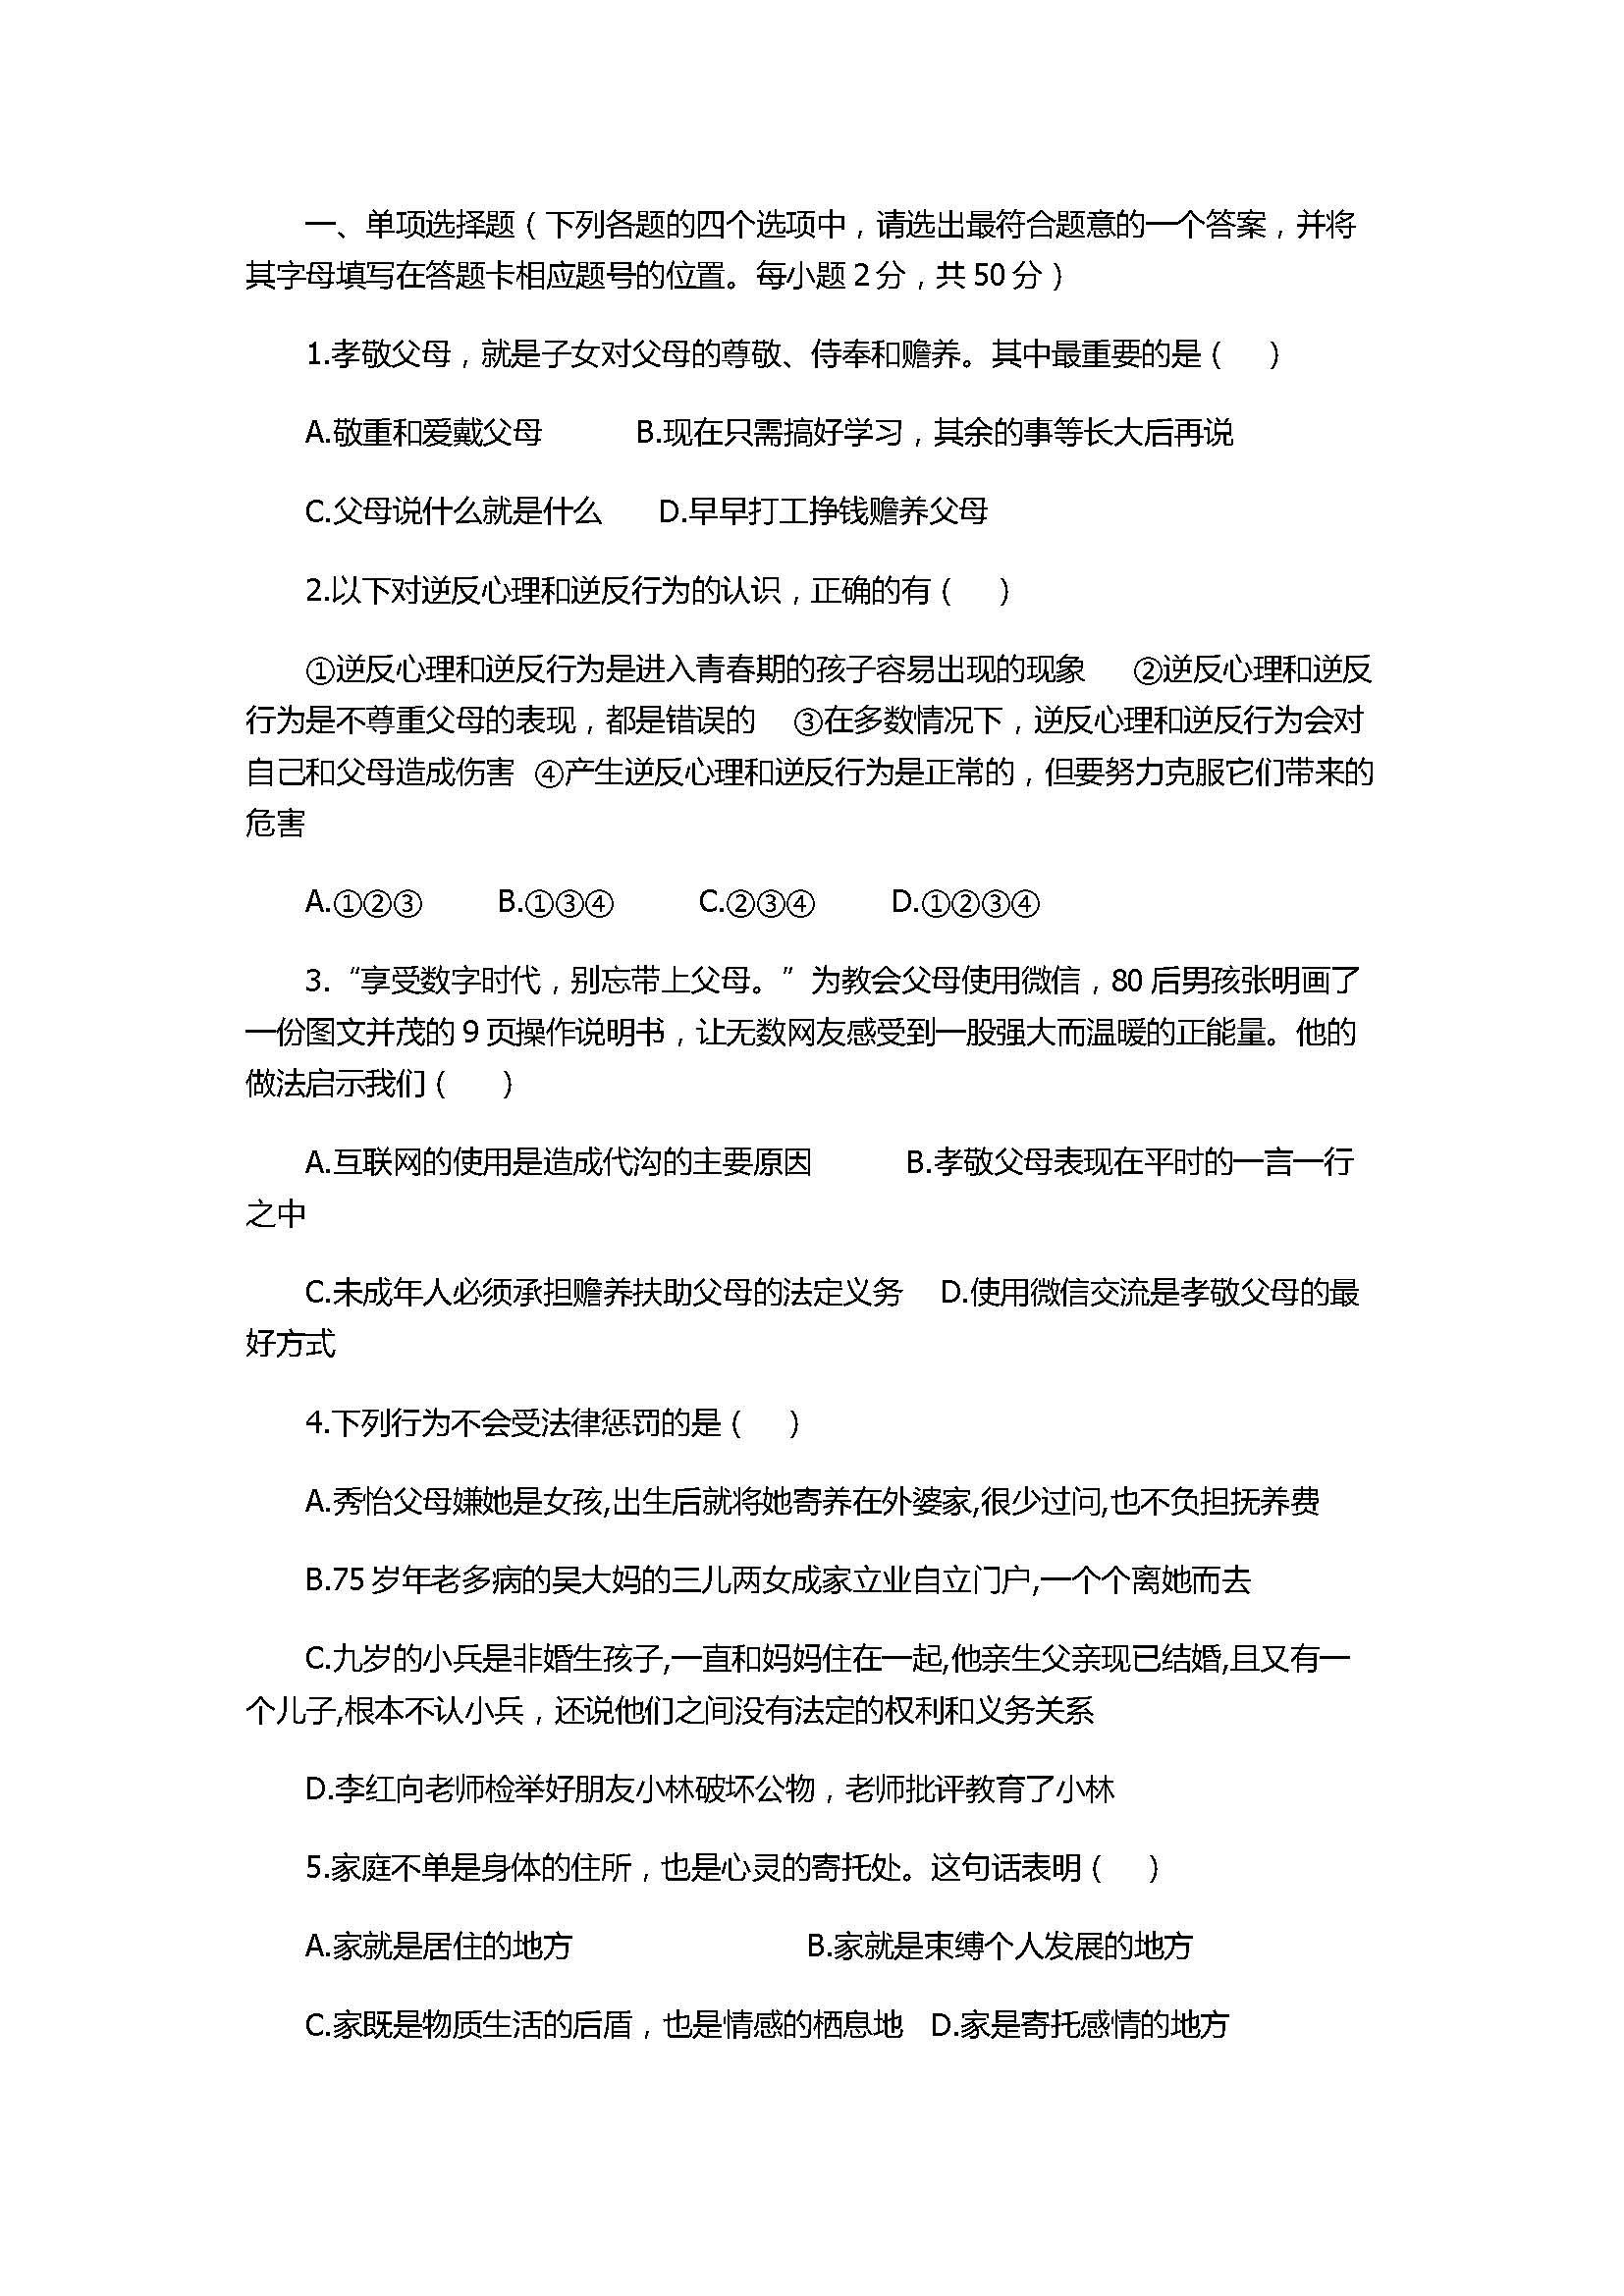 2017八年级政治上册期末六校联考试卷含答案(云南省)